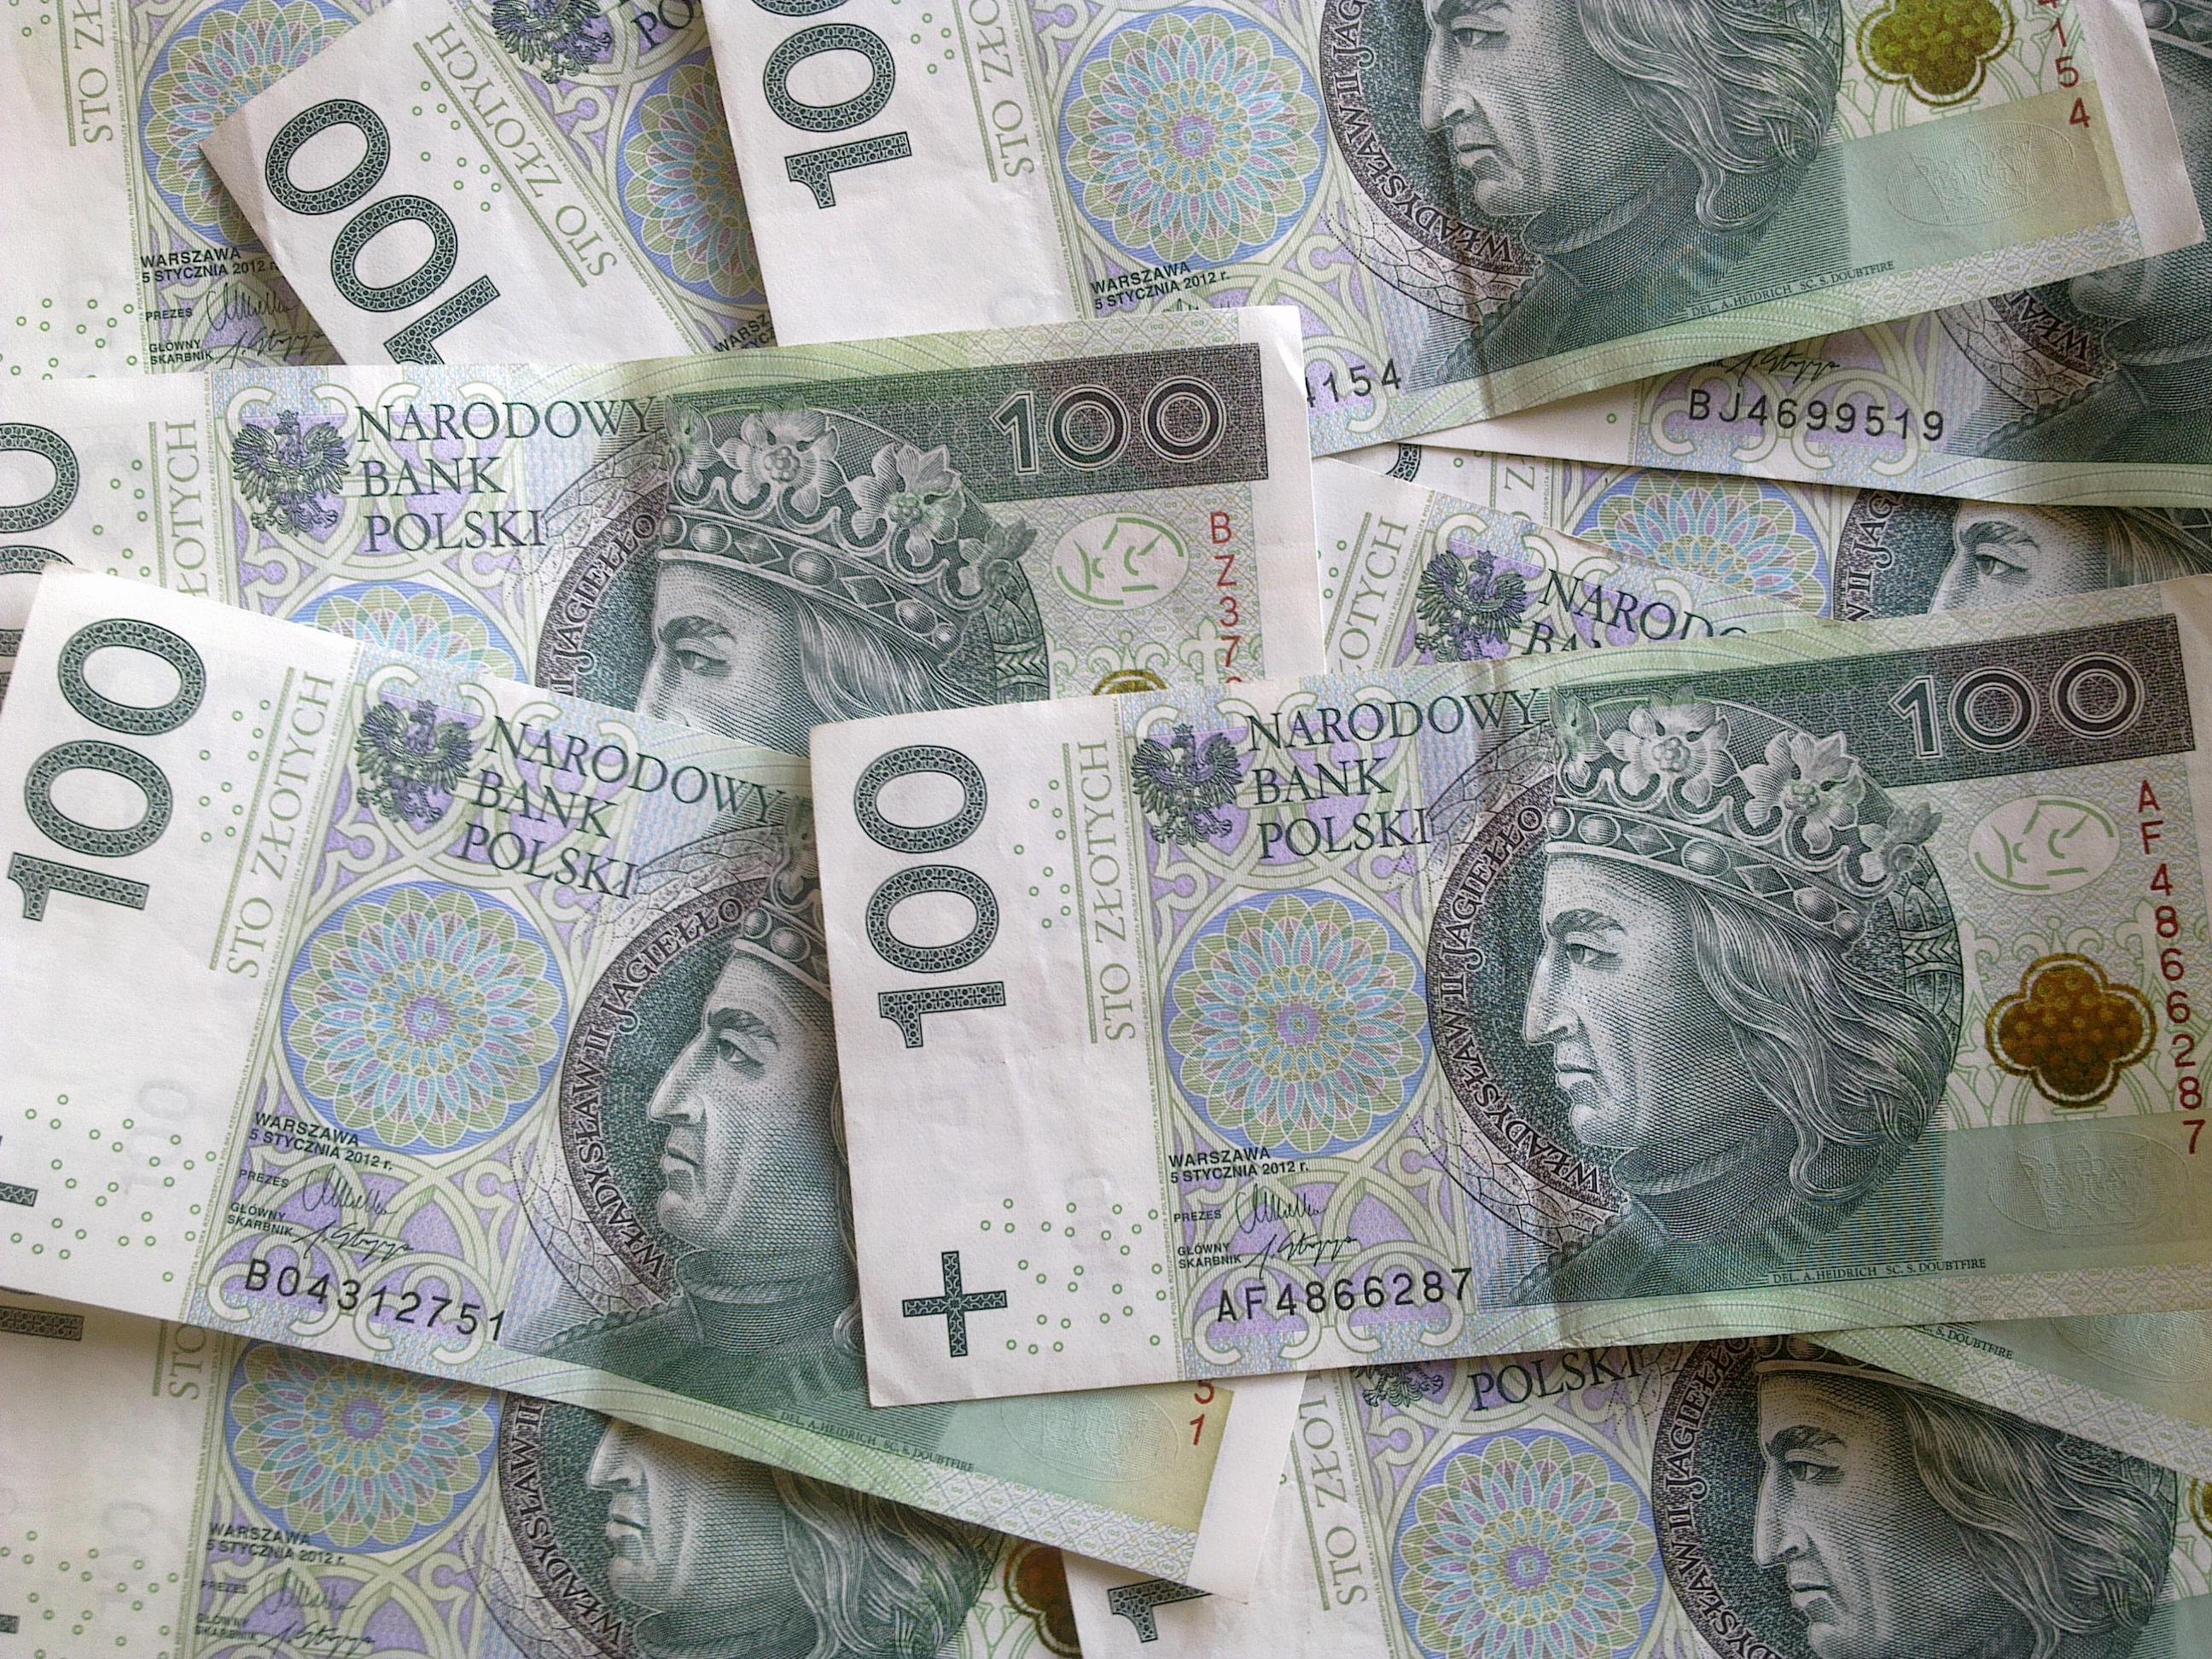 E-sklepy mają ponad 100 mln zł długów